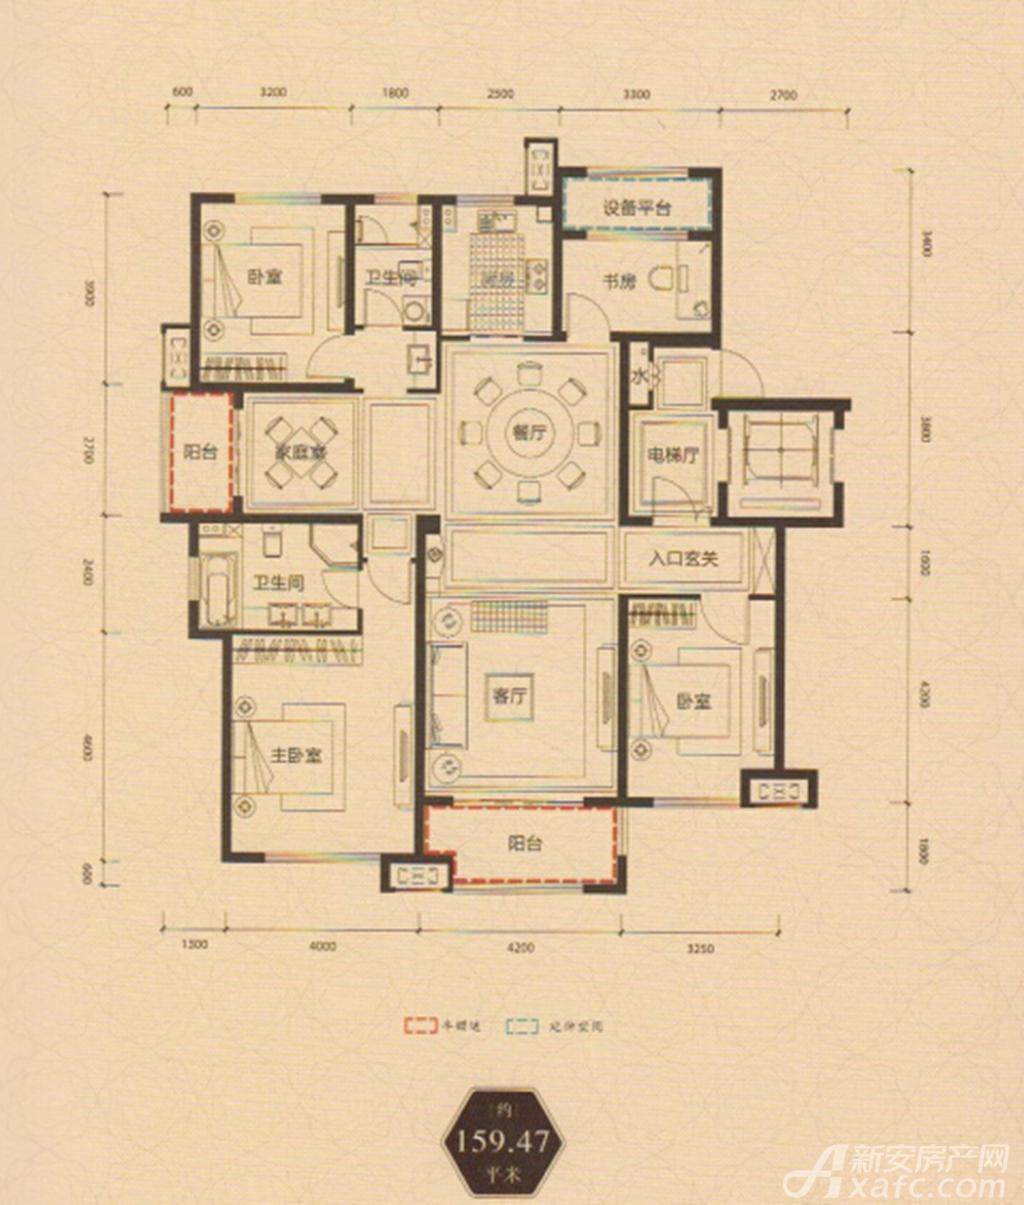 保利西山林语159.47平方米户型5室2厅159.47平米